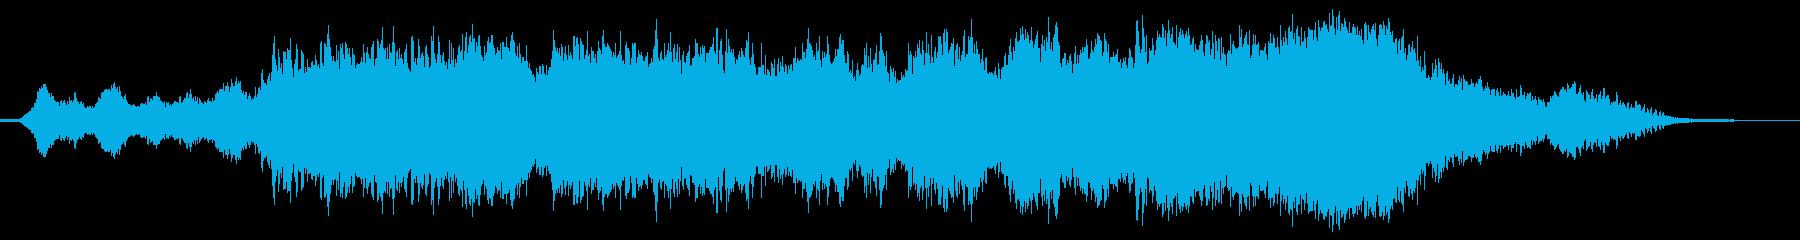 少しミステリアスなアンビエント サスペ…の再生済みの波形